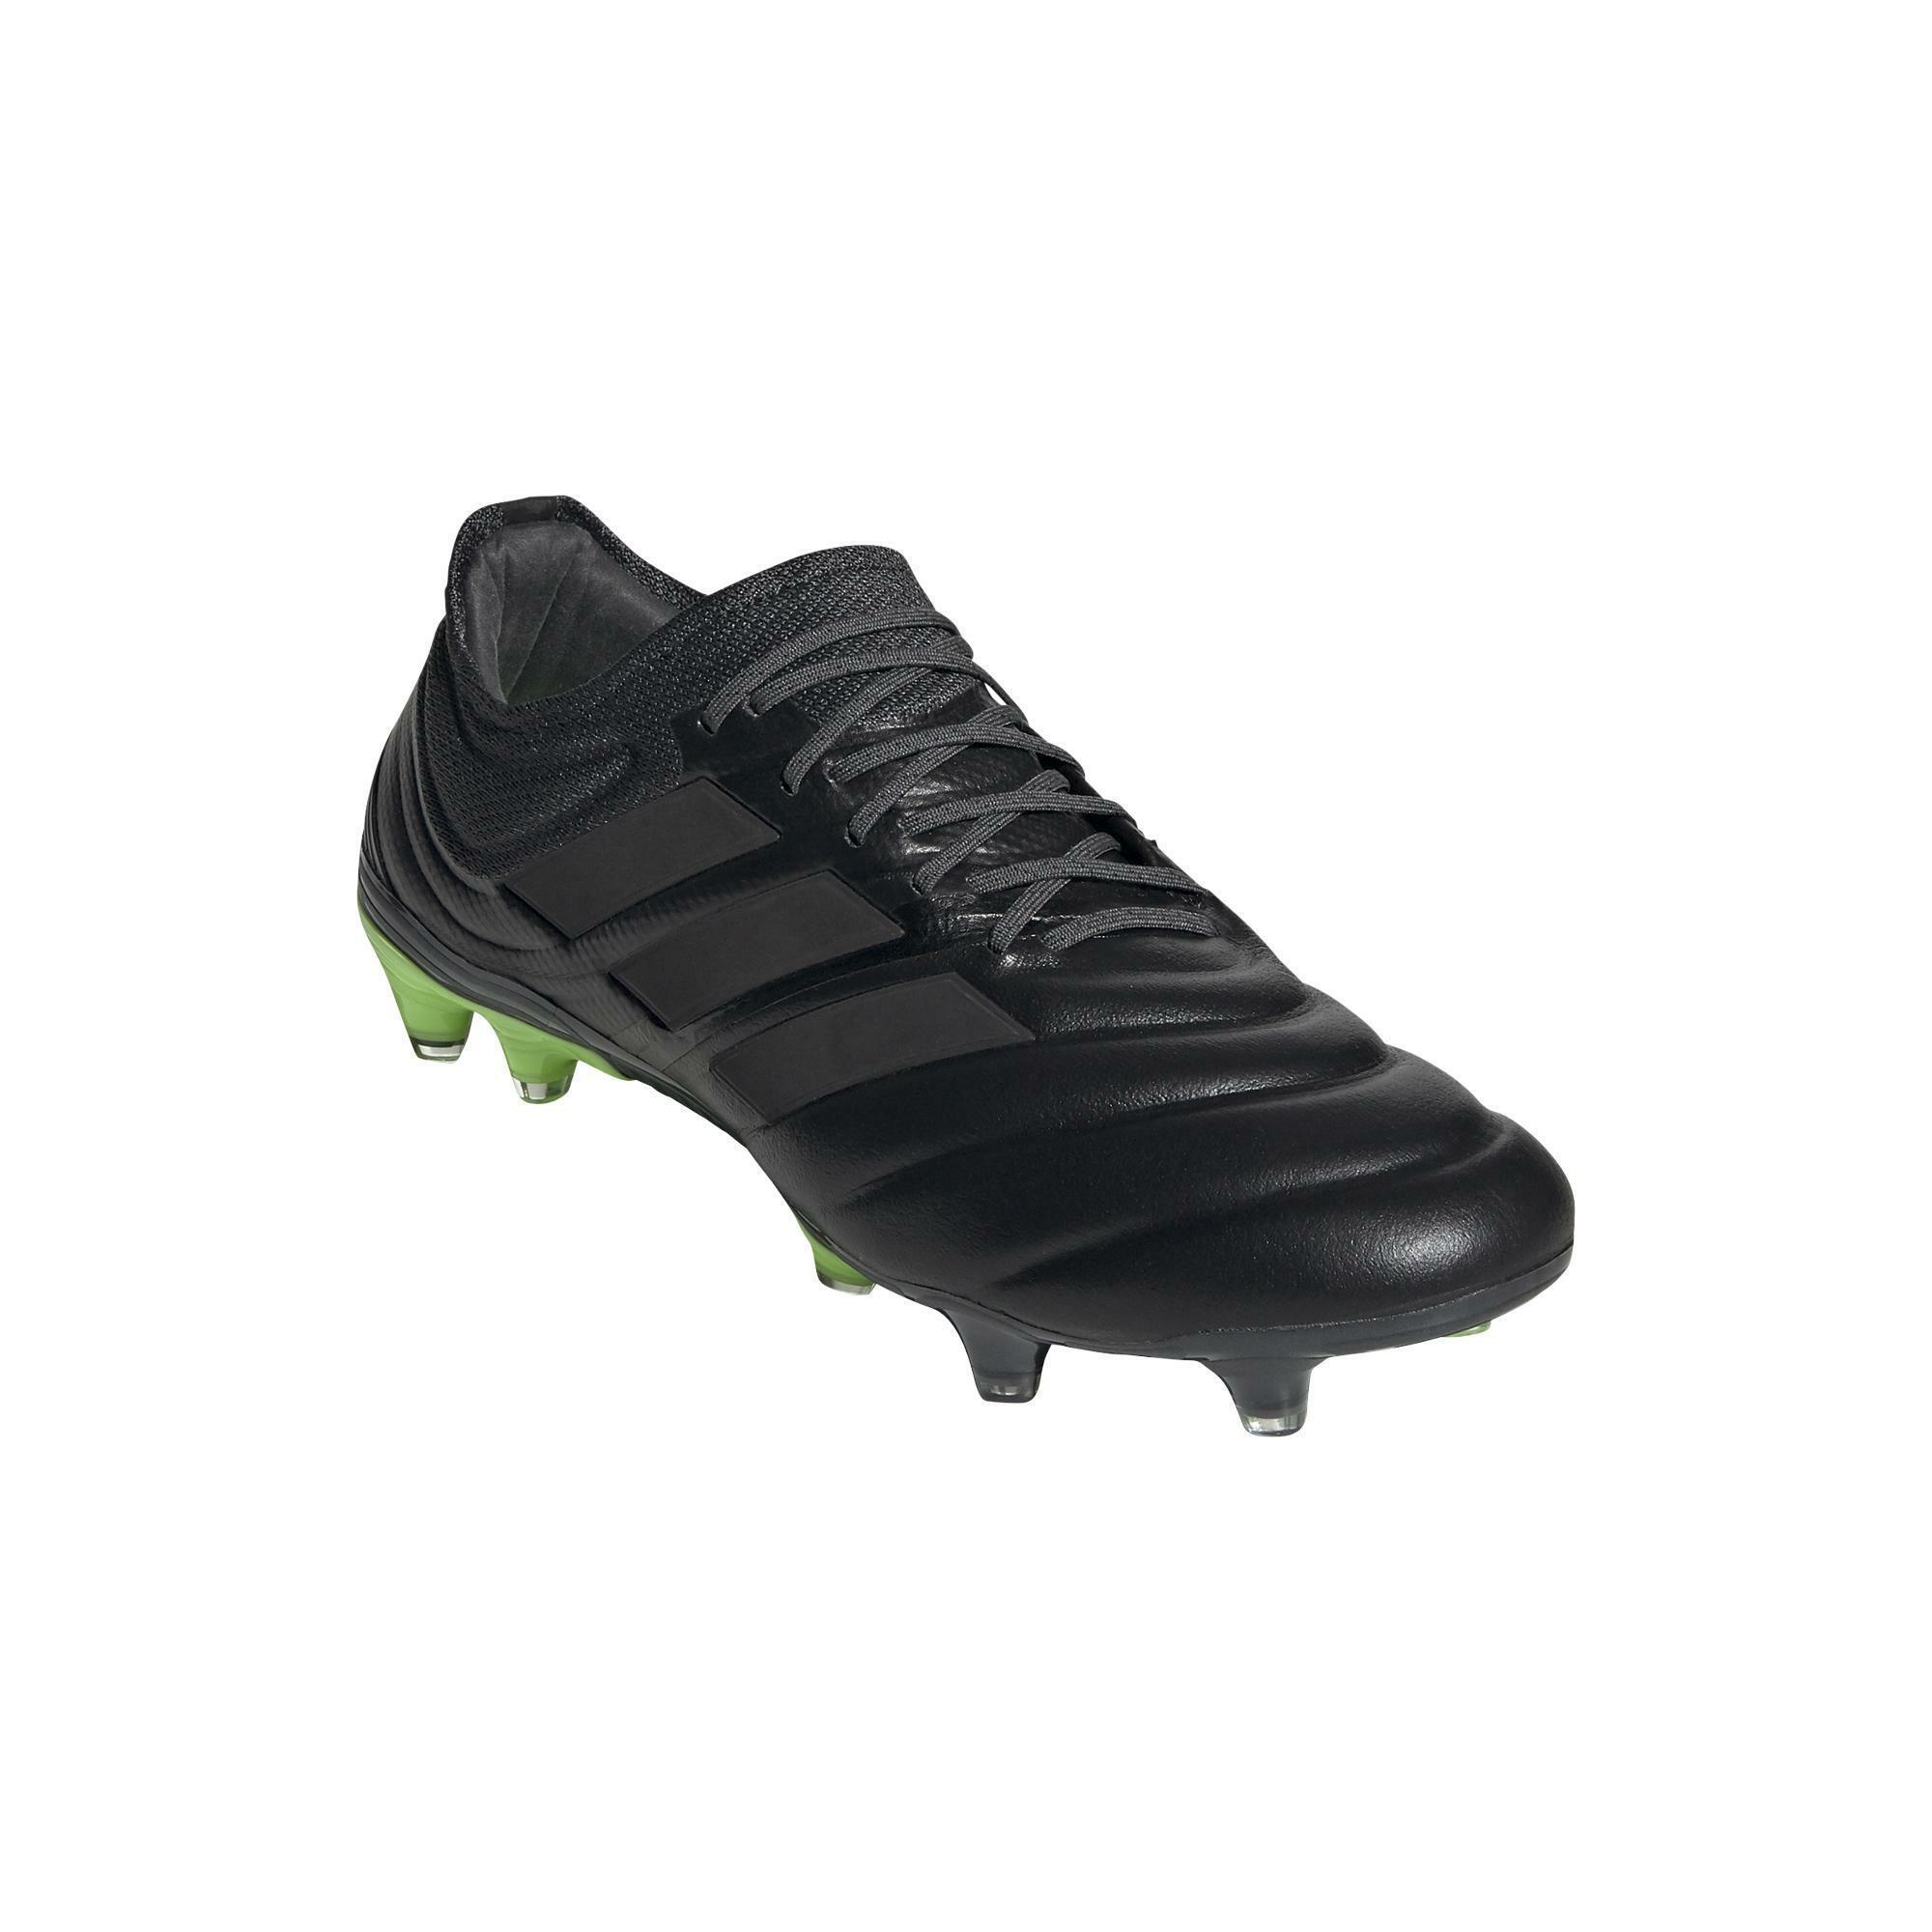 adidas adidas scarpa calcio copa 20.1 fg nero/verde